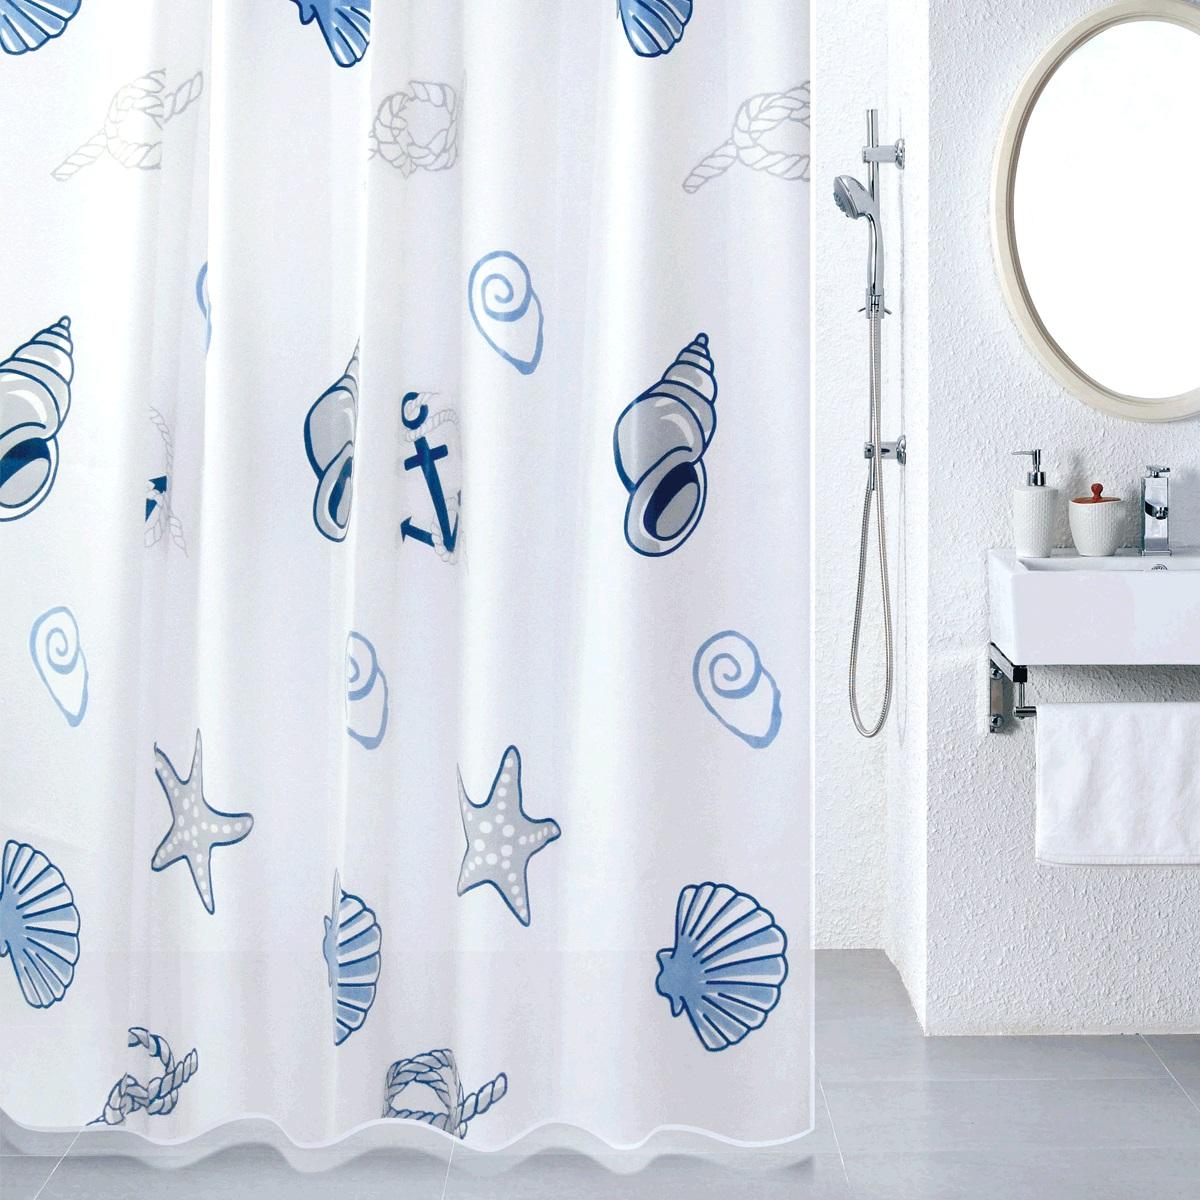 Штора для ванной Milardo Sea Fantasy, цвет: мультиколор, 180 x 180 см питательная ароматическая эссенция 15 мл decleor decleor mp002xw0iufk